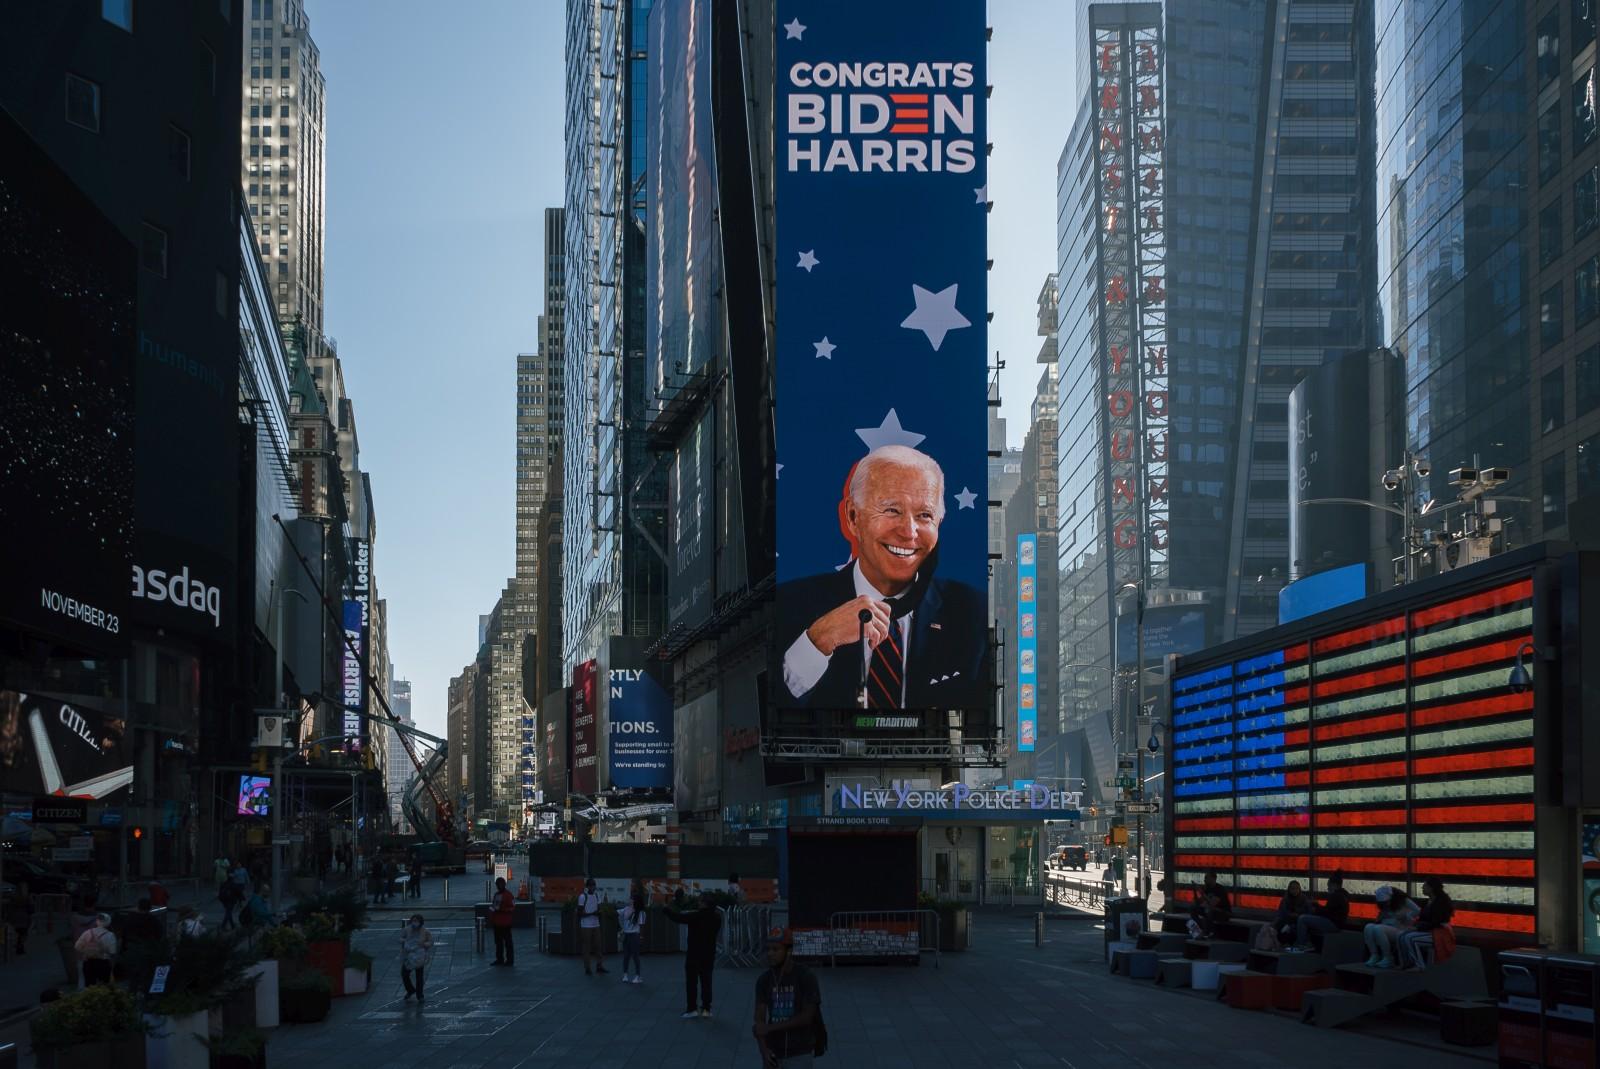 Die Ära Trump geht ihrem Ende entgegen und auch die Tourismus-Welt blickt auf den President-elect, Joe Biden, der das Amt übernehmen wird.